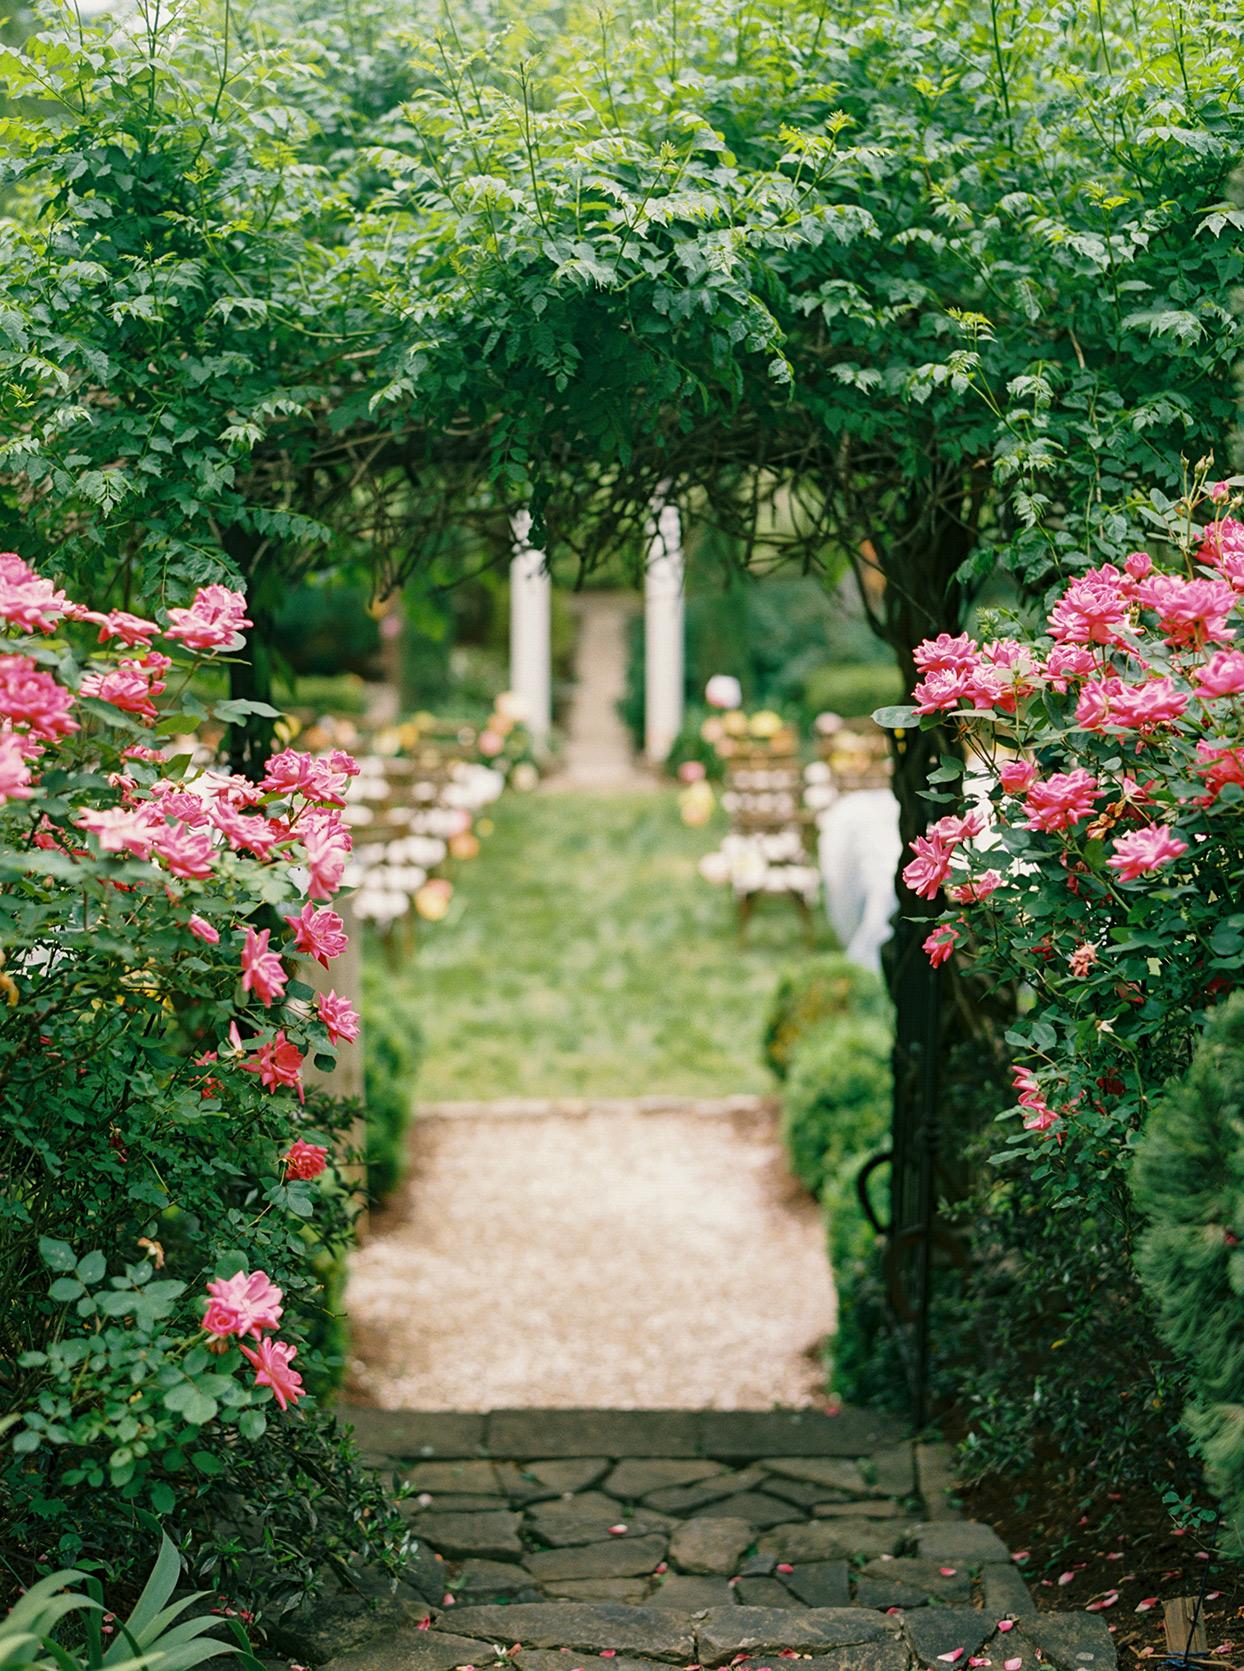 ashley scott wedding ceremony stone entrance to garden pink flowers